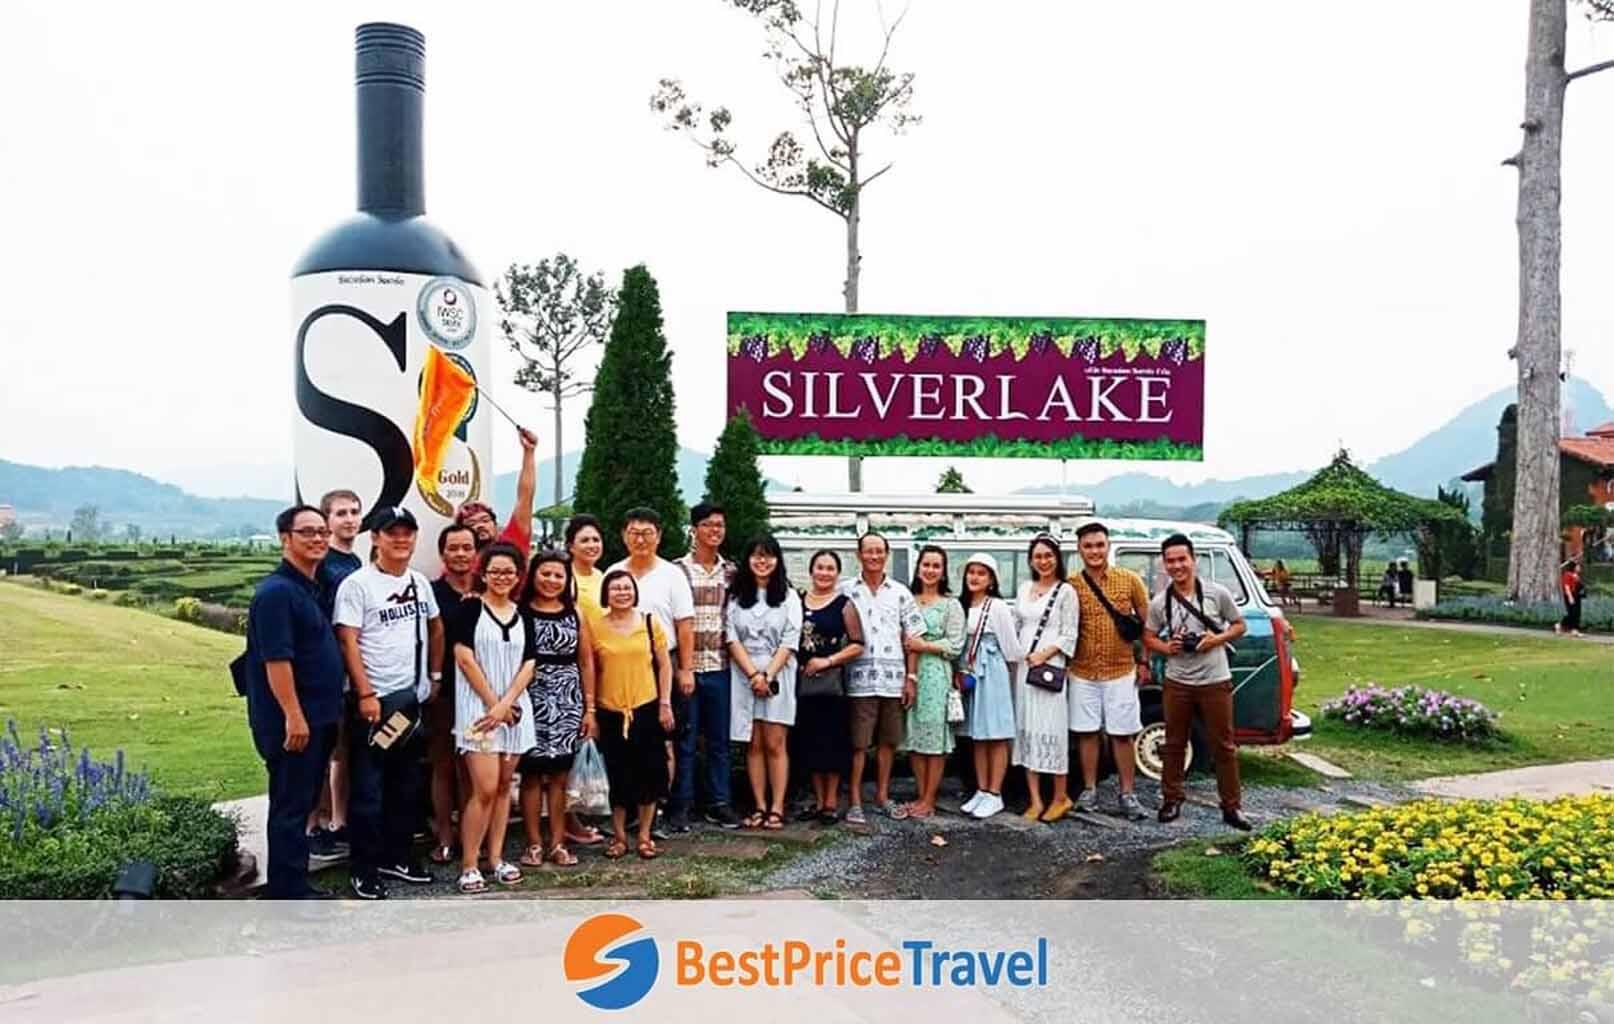 Khách hàng BestPrice chụp hình lưu niệm tại Vườn Nho Silver Lake